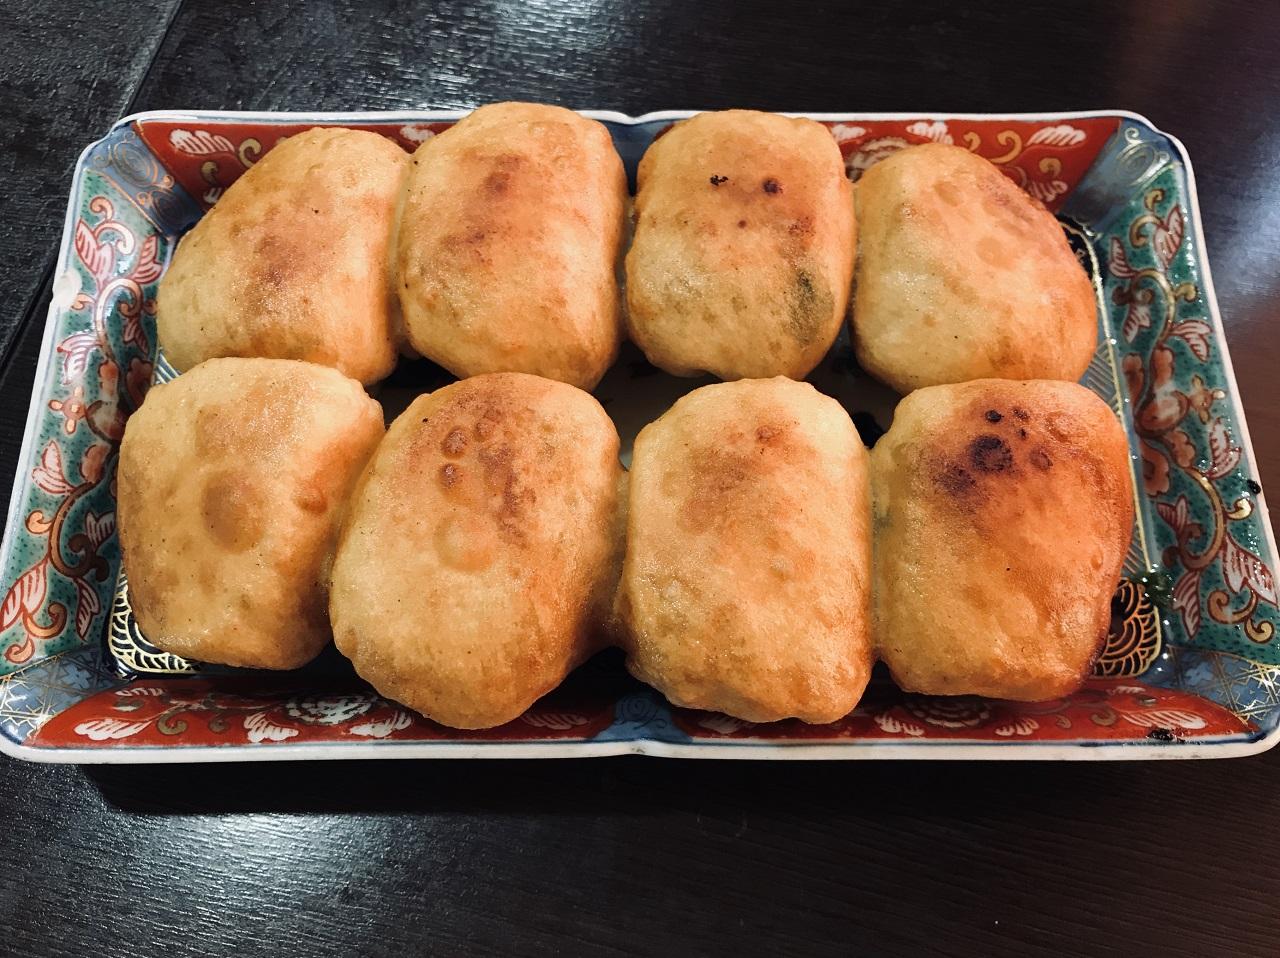 อาหารพื้นเมือง จ.ชิบะ (Chiba) - ไวท์เกี๊ยวซ่า (White Gyoza)